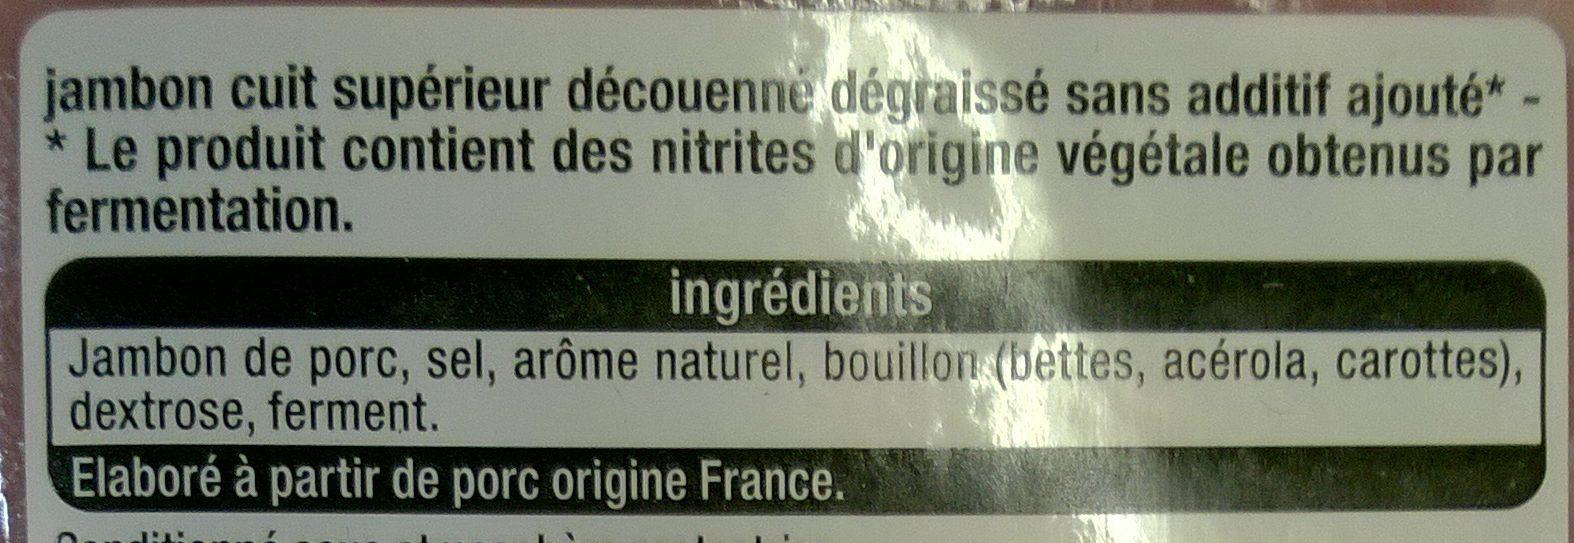 Jambon supérieur sans couenne sans additifs ajoutés - Ingrédients